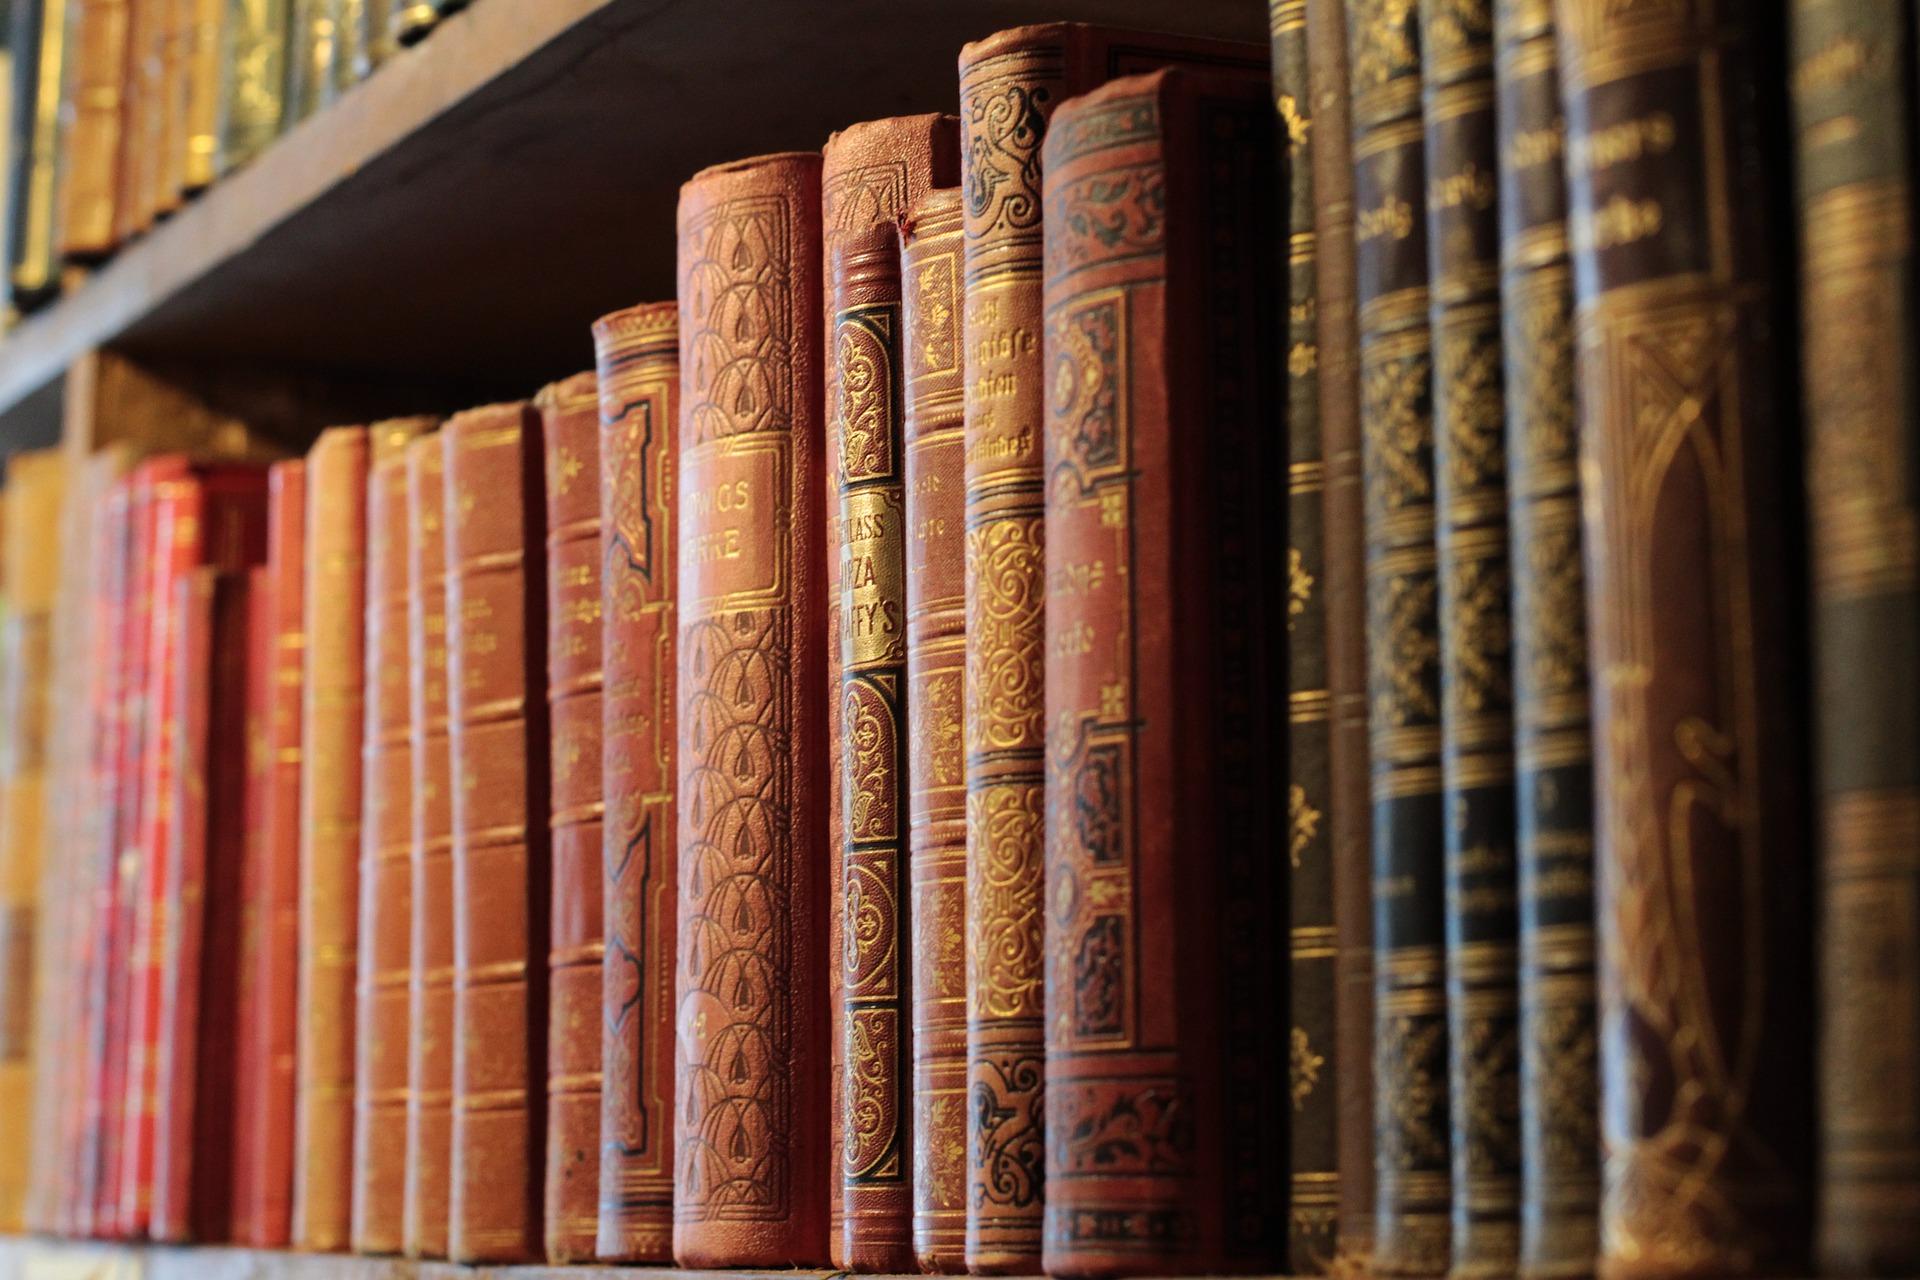 books-4515917_1920.jpg